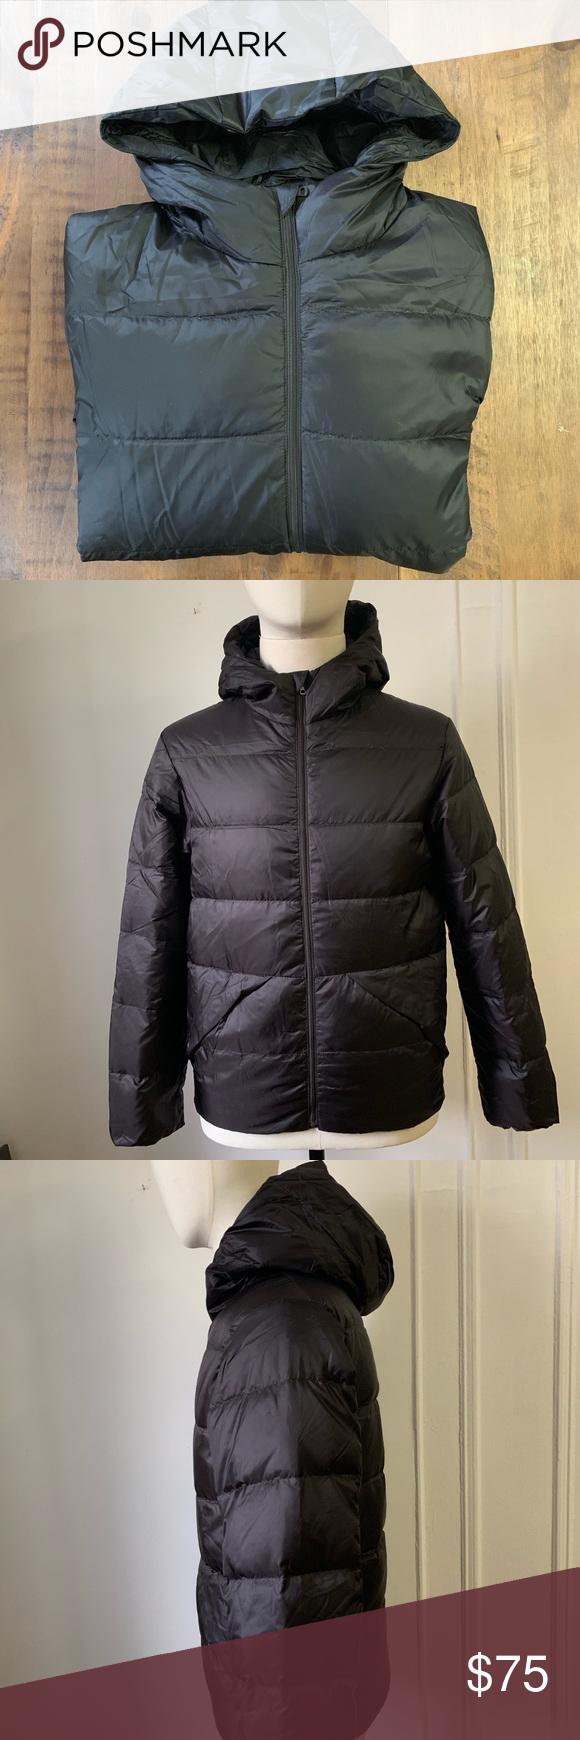 [uniqlo] uld puffer jacket Puffer jackets, Jackets